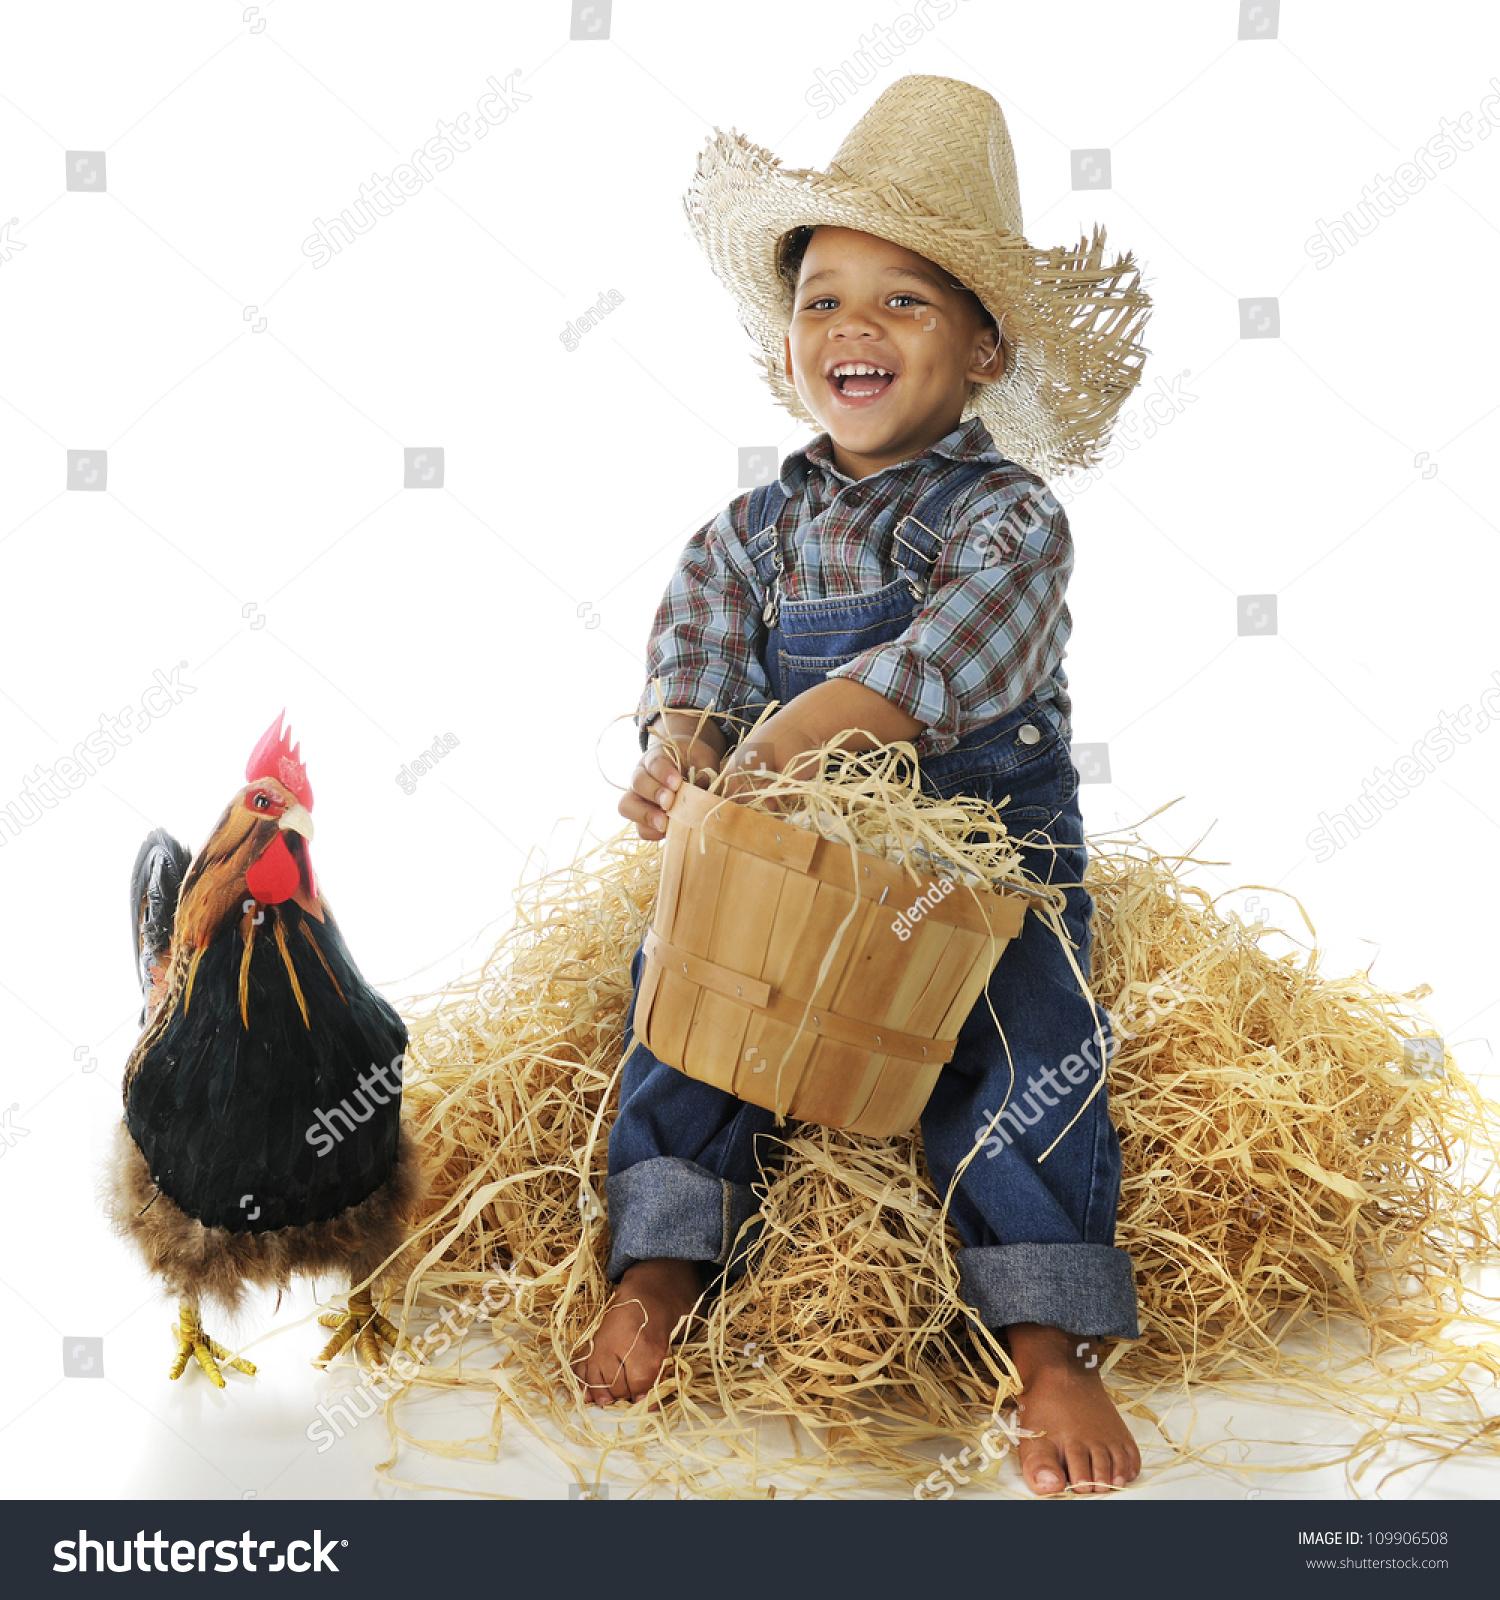 一个可爱的混血儿农场男孩拿着满满一篮子鸡蛋坐在